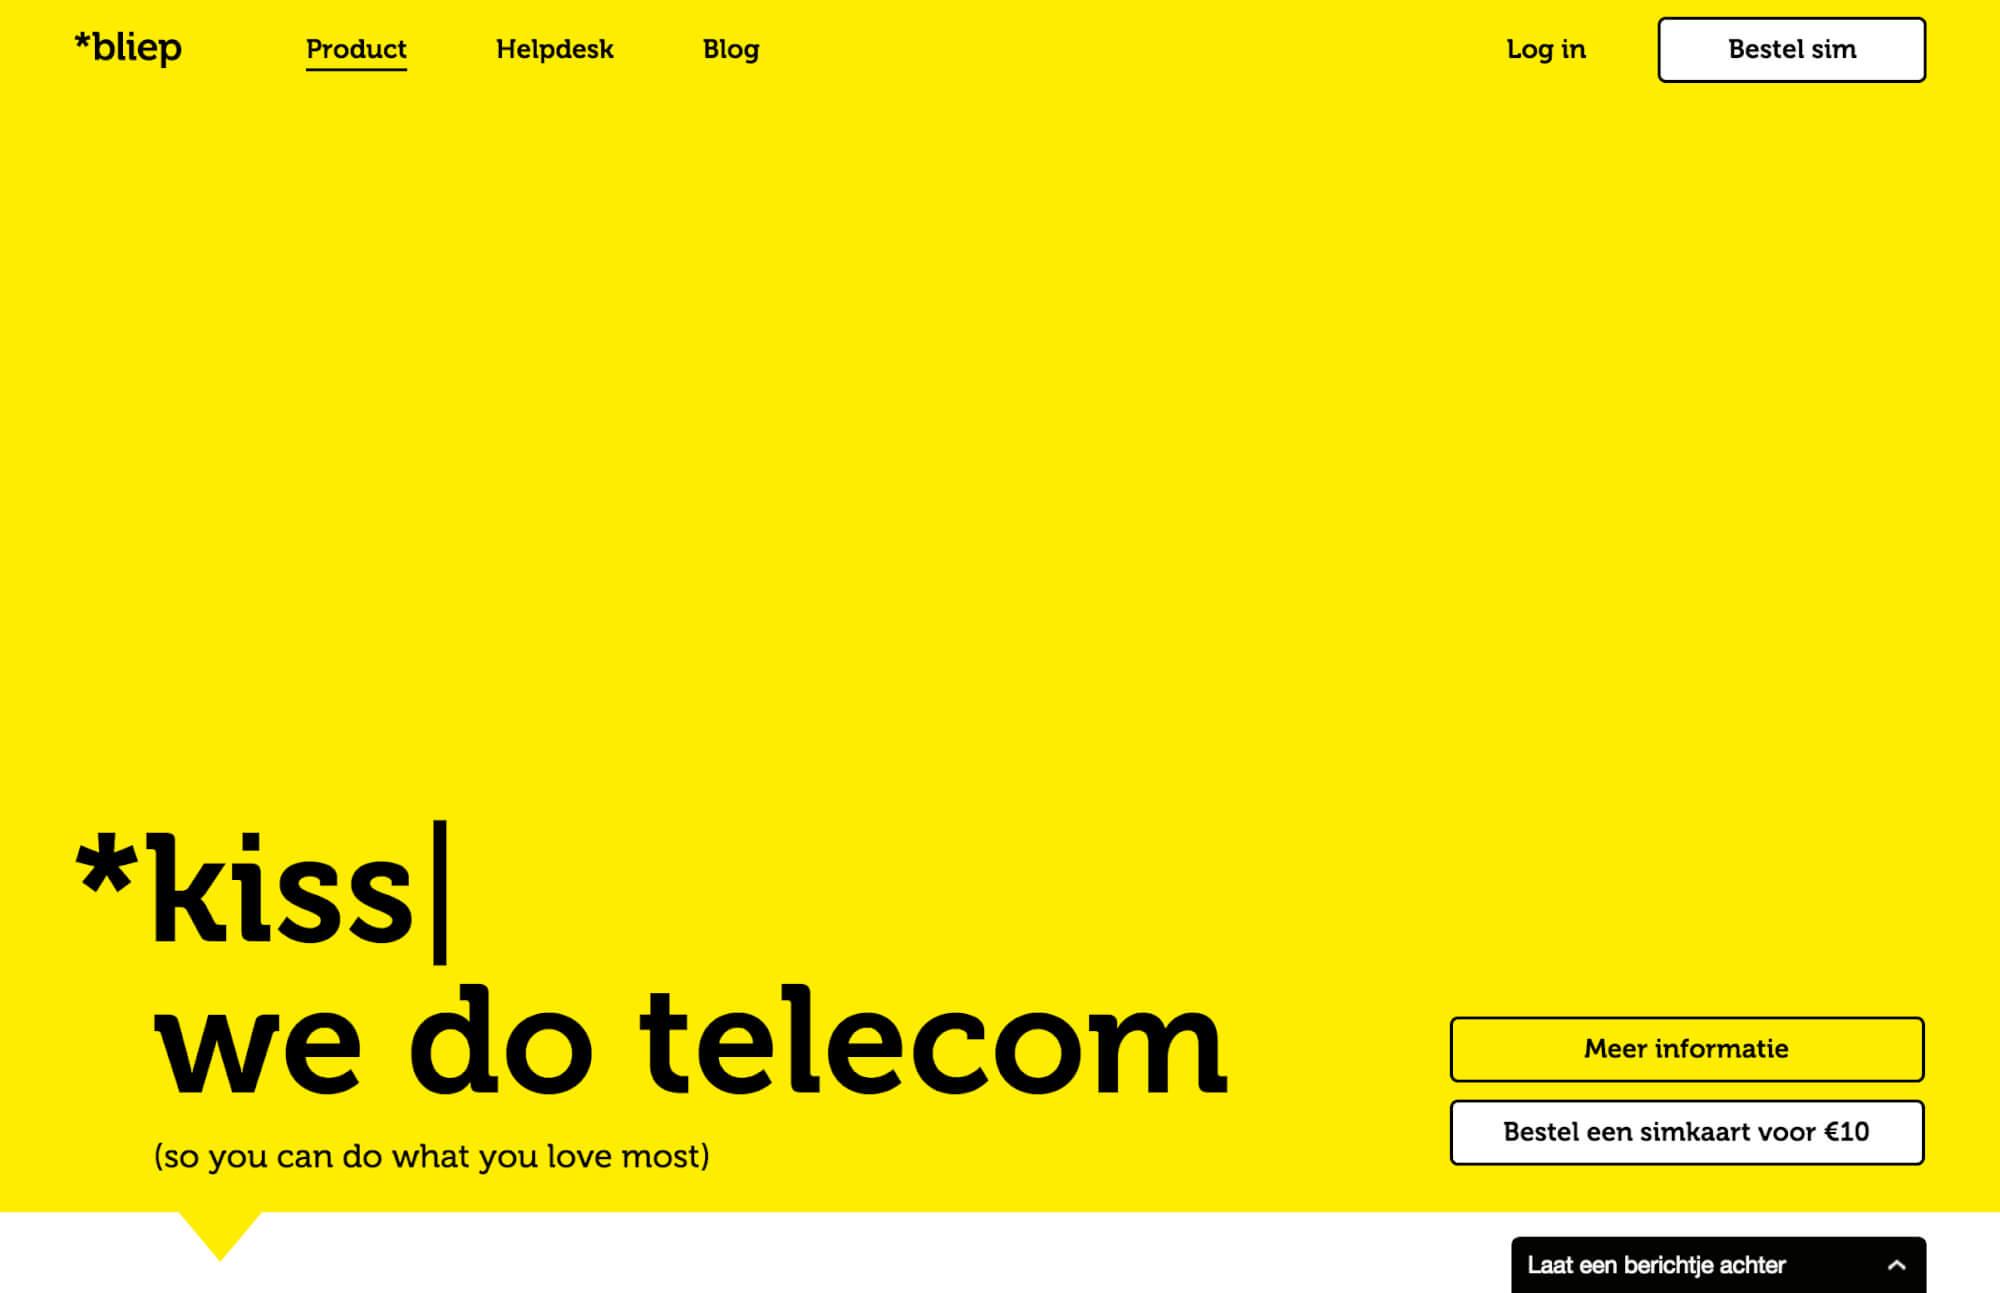 bliep-website